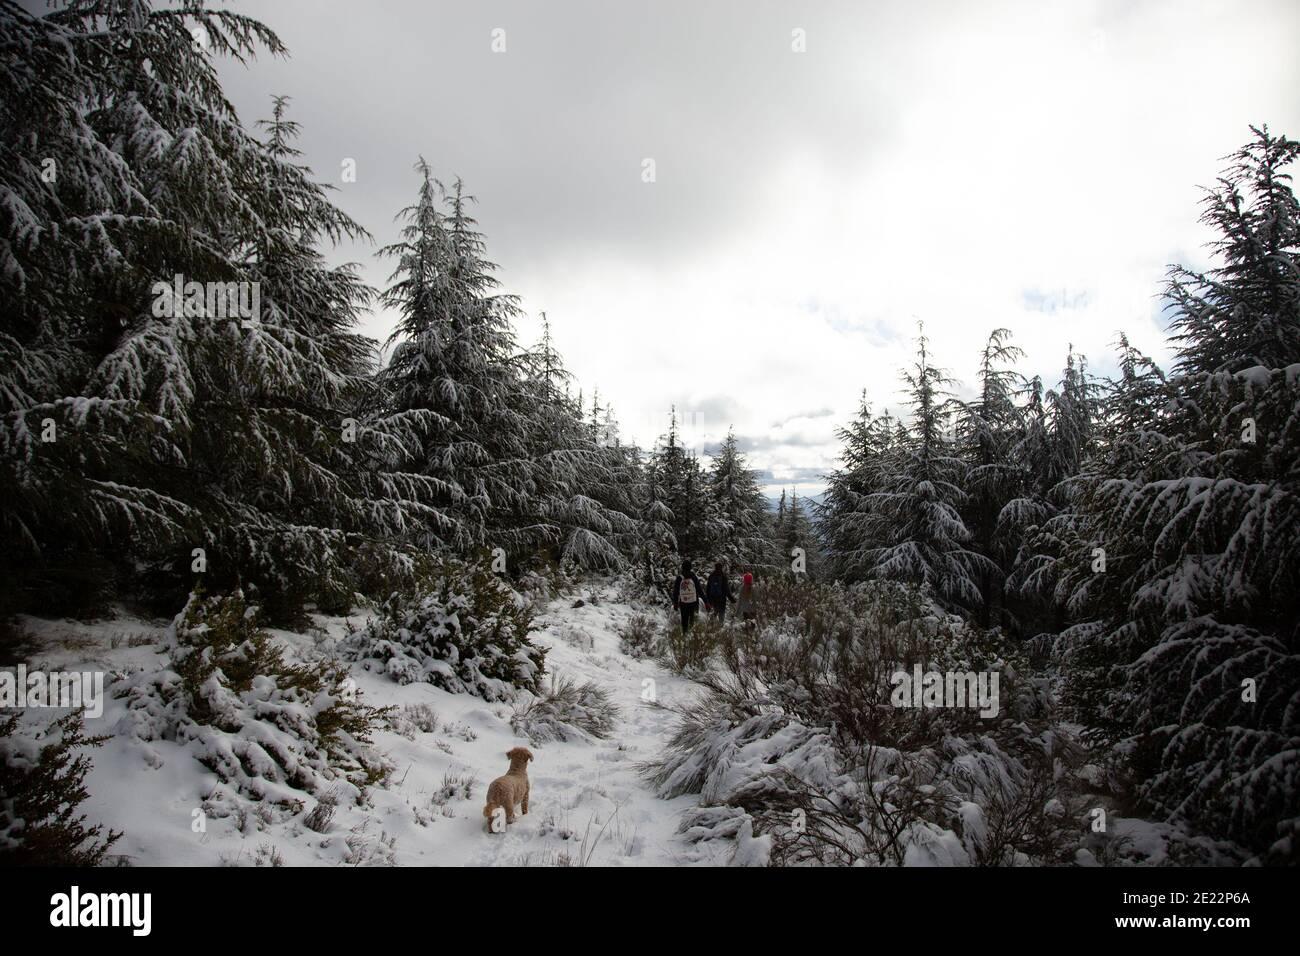 Perro buscando perdido en el bosque nevado. Foto de stock